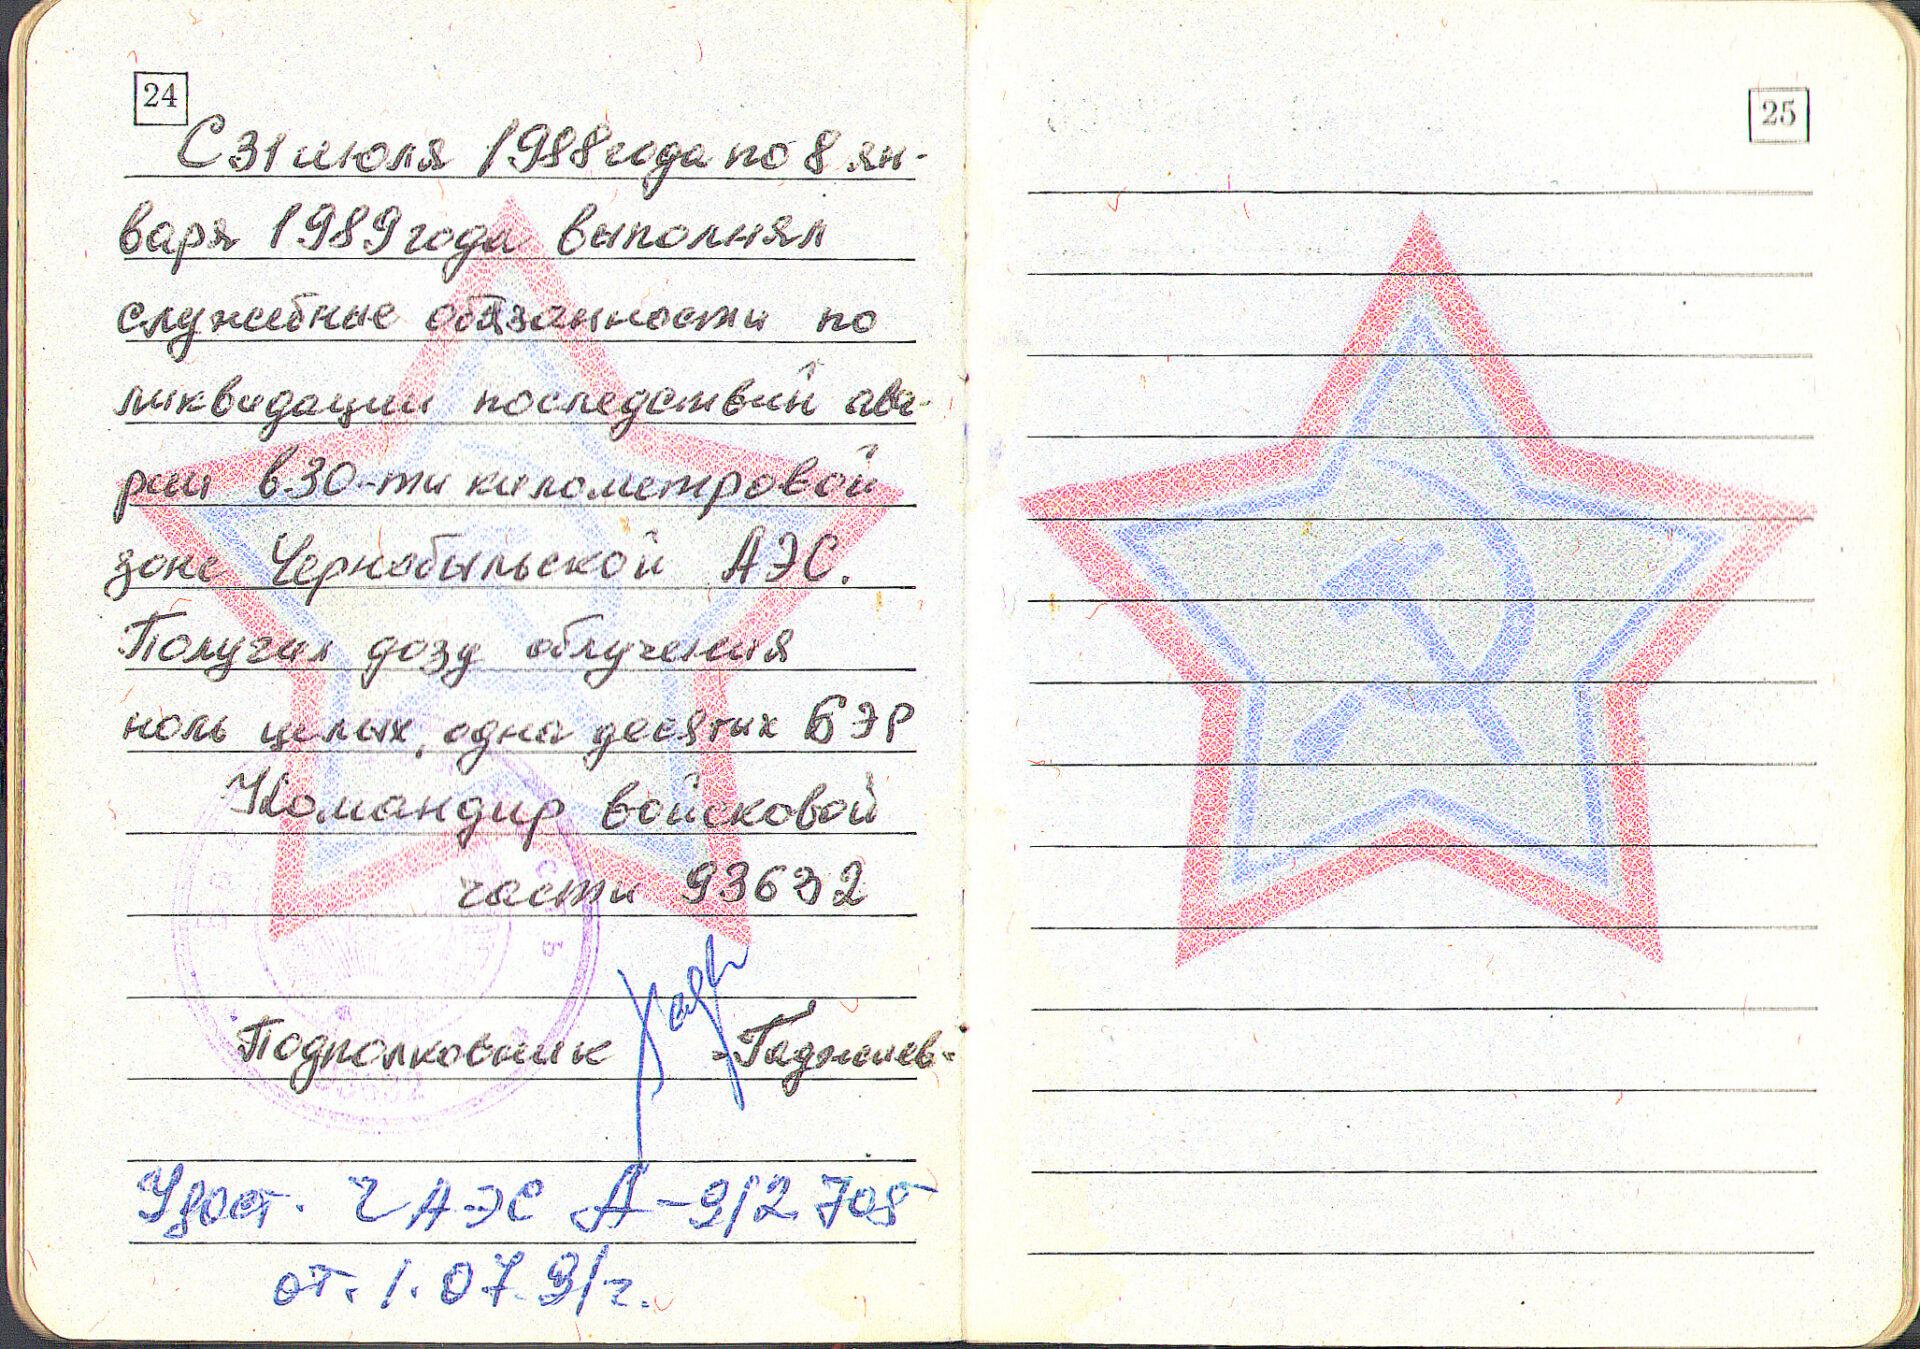 С июля 1988 года по январь 1989-го Владимир Голиздренко участвовал в ликвидации последствий аварии. Плотник по профессии, он был задействован в работах по укреплению саркофага.